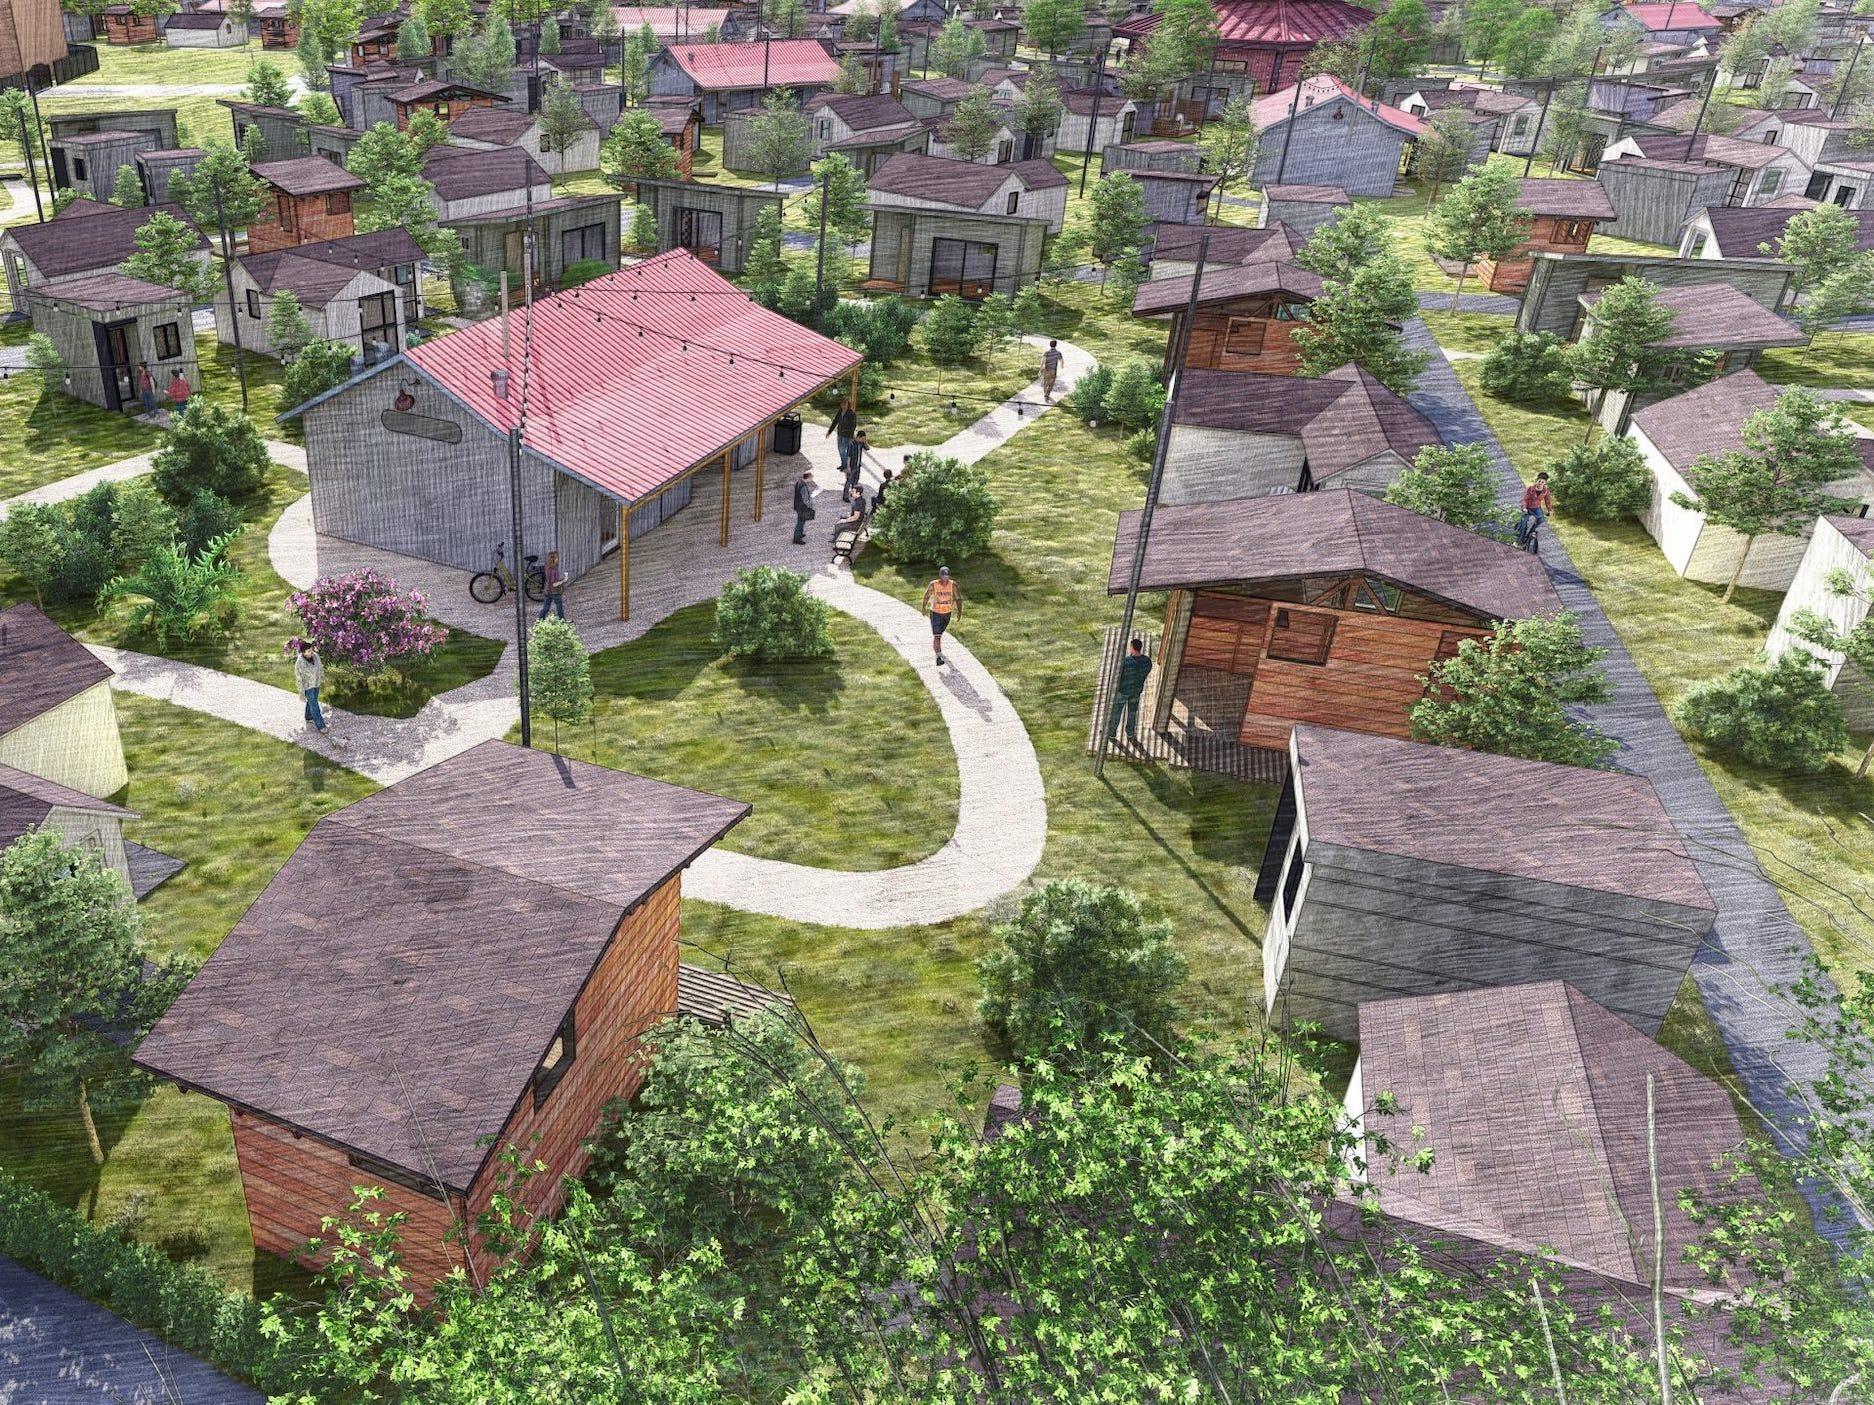 「社会システム」や「コミュニティ」を組み込んだタイニーホーム・ビレッジ…ホームレス問題の解決策は「家族」を再構築すること